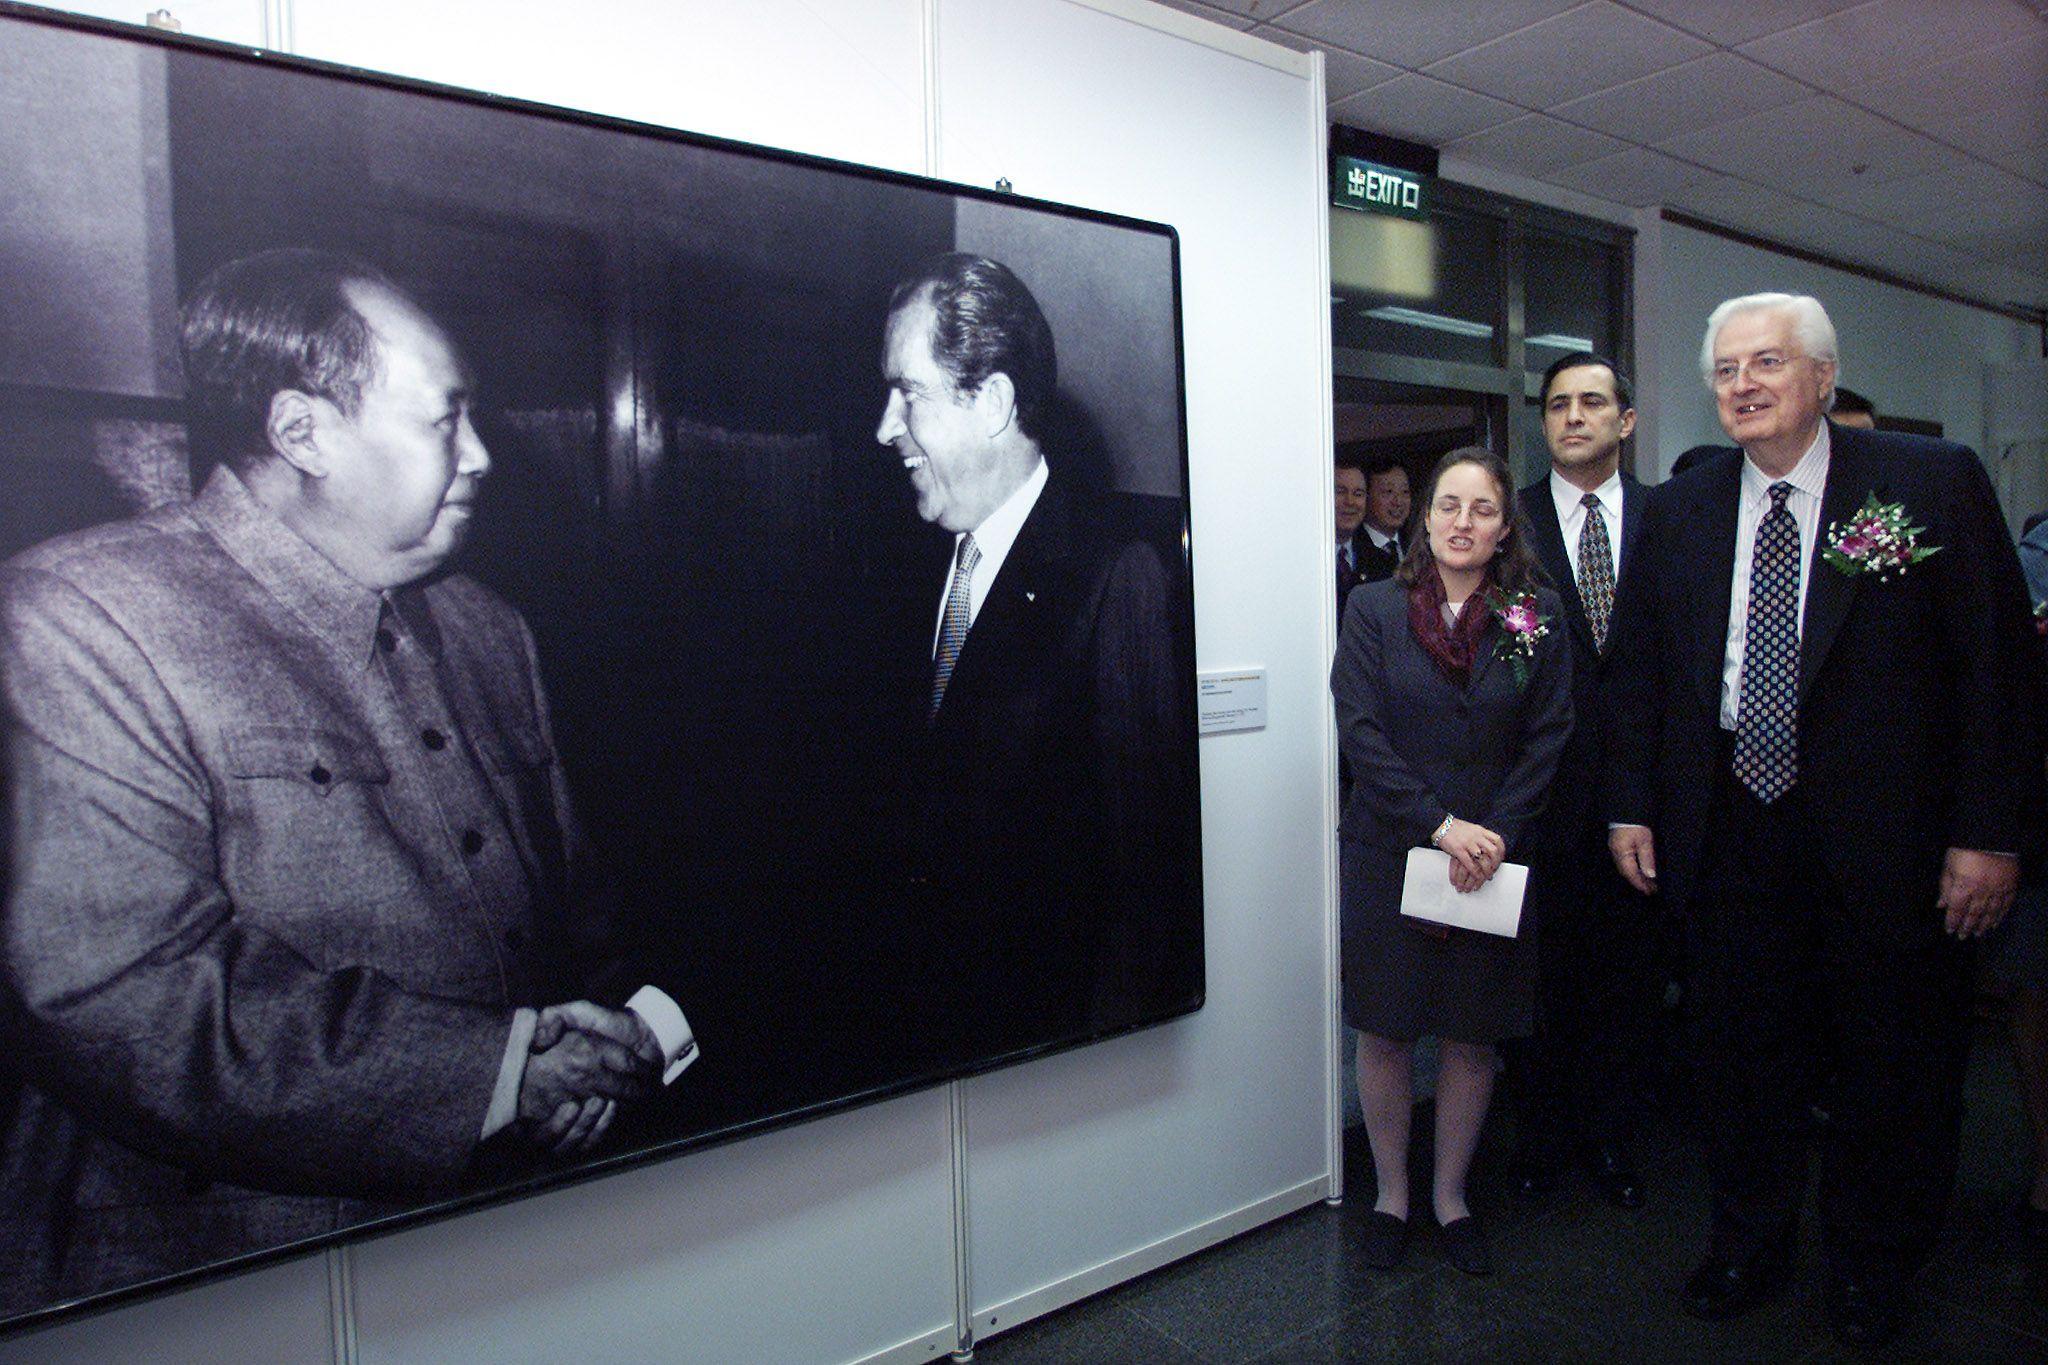 Celebrating Nixon's visit to China.